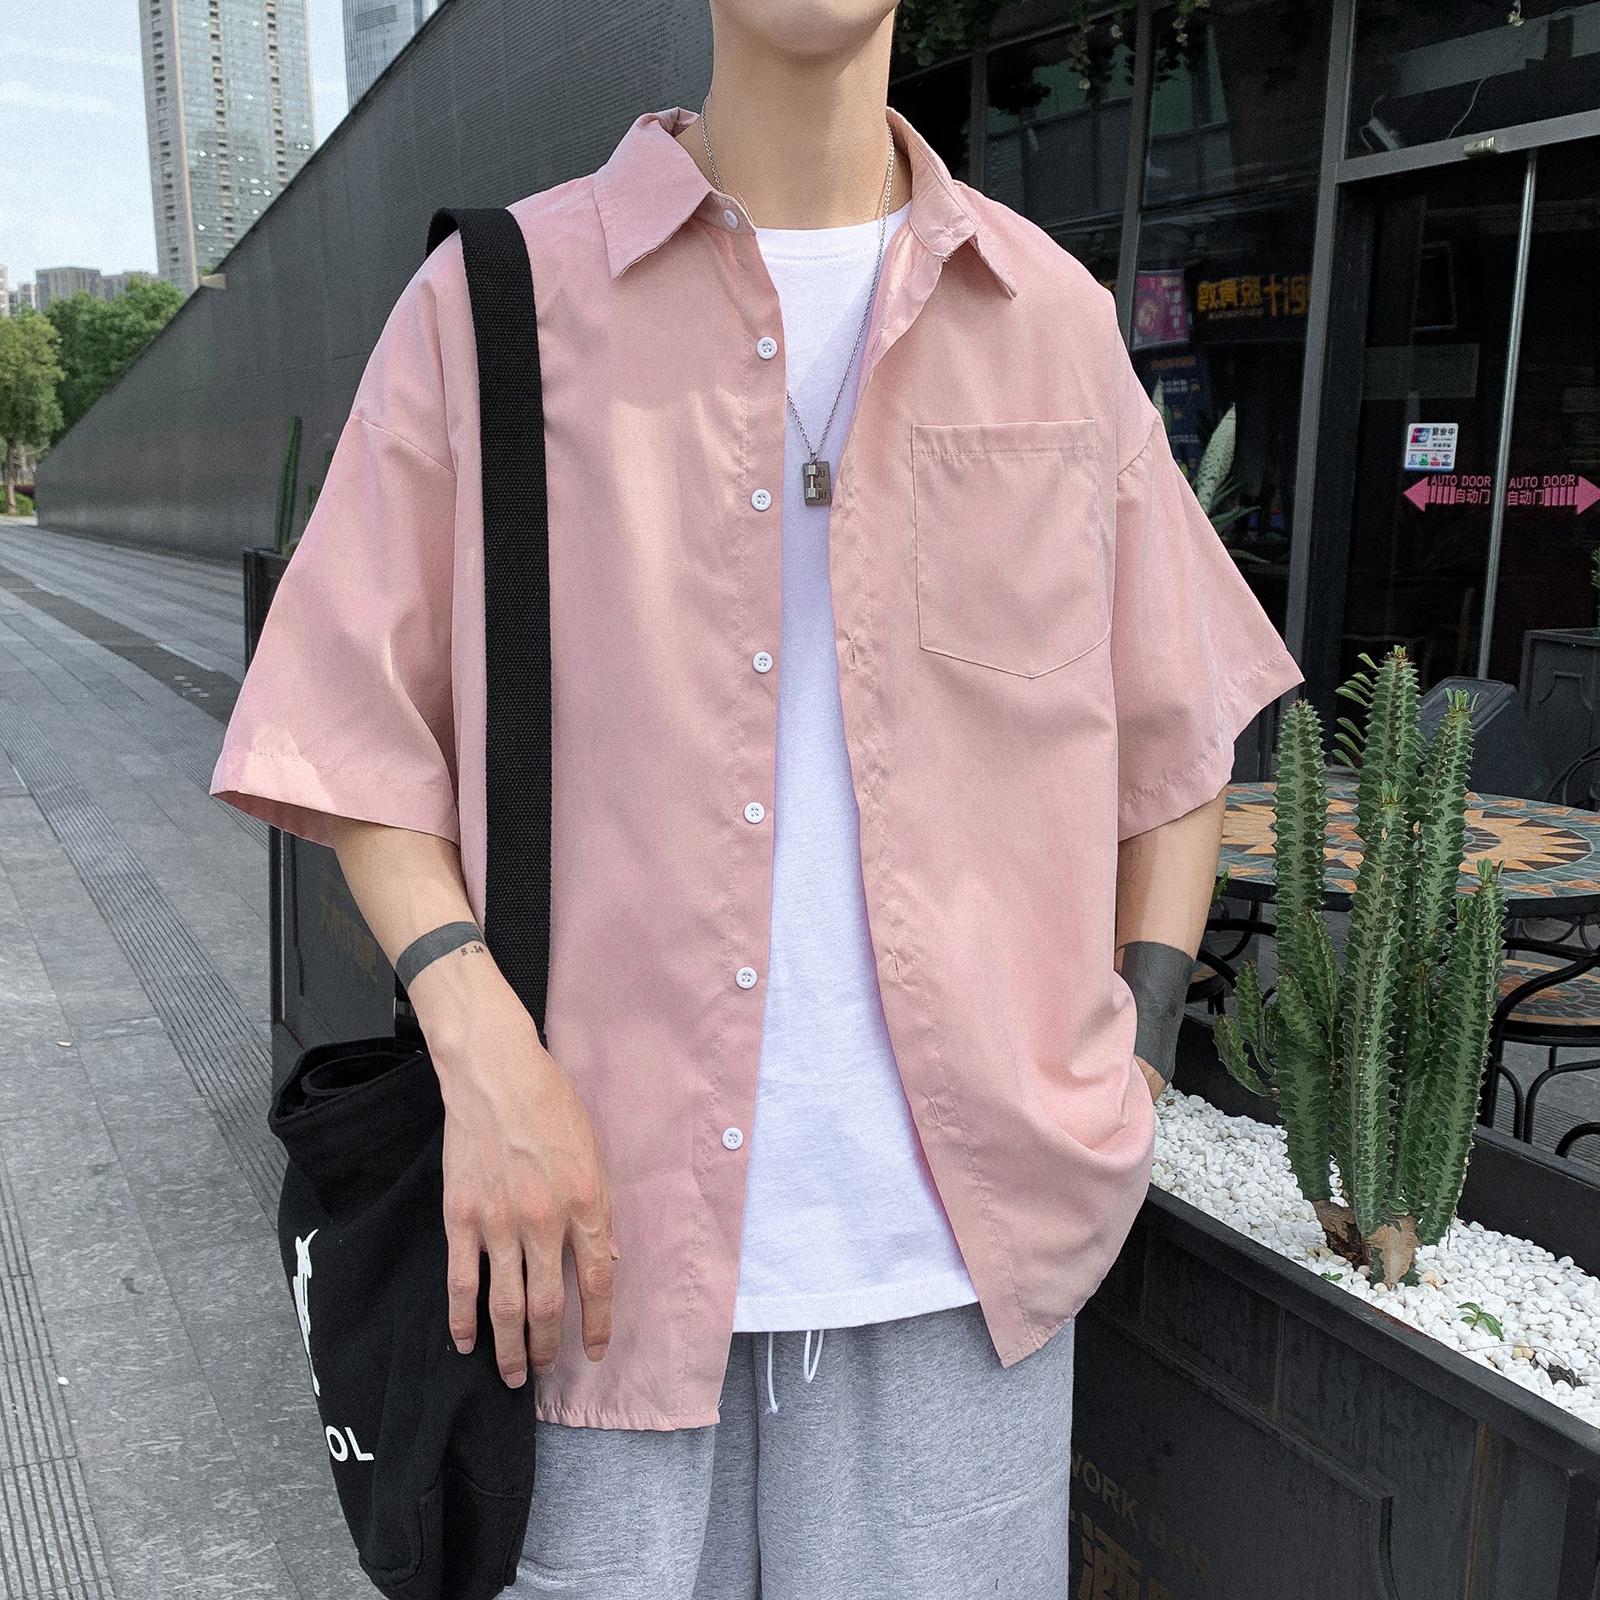 男士衬衫 粉色衬衫男夏季短袖韩版ins港风日系寸衫痞帅气潮流薄款衬衣外套_推荐淘宝好看的男衬衫